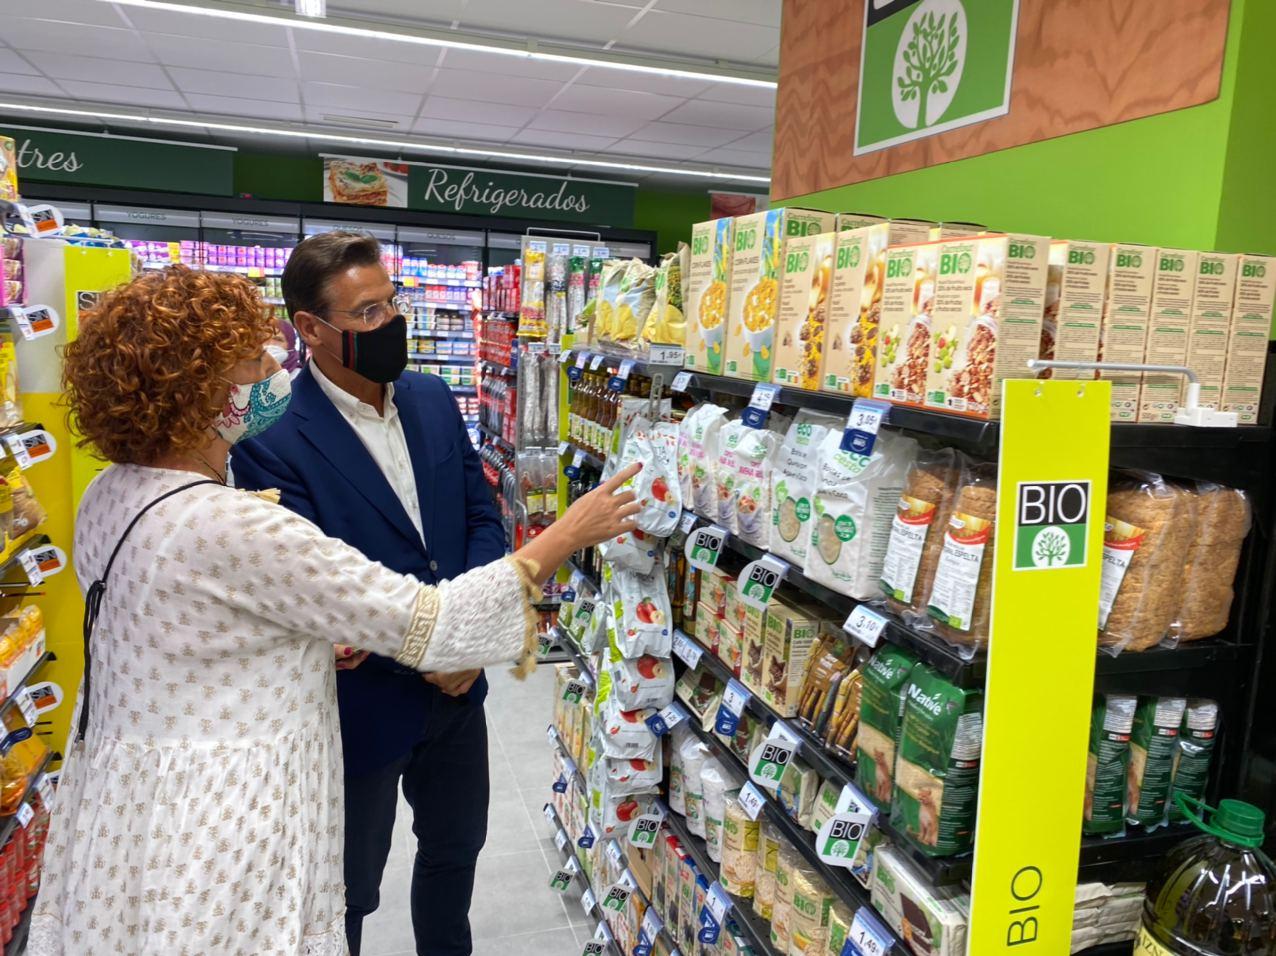 El nuevo centro Carrefour Express abierto en Granada generará nueve empleos directos